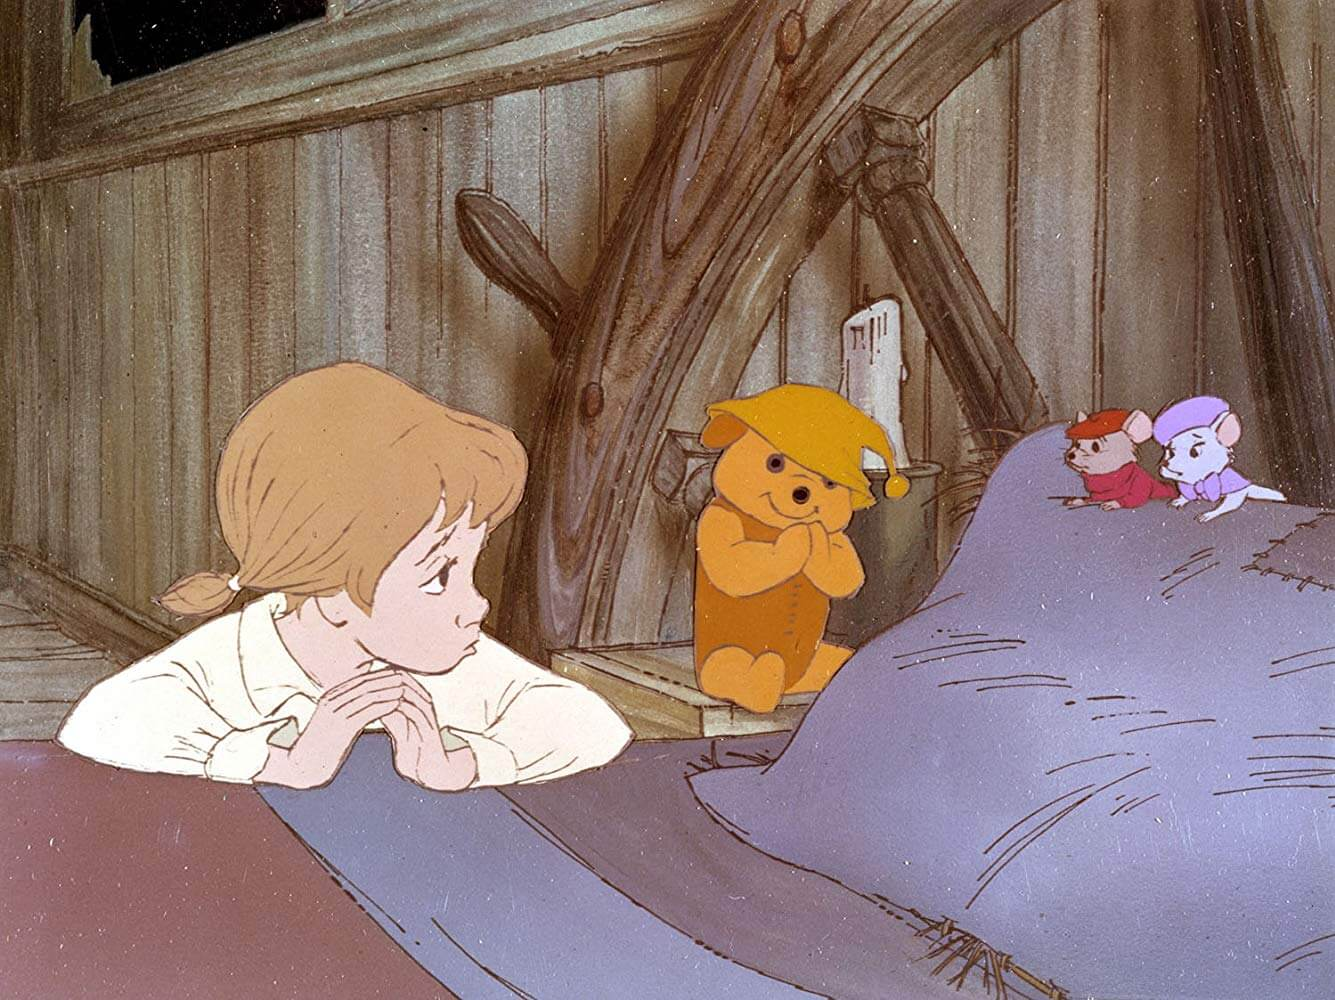 1977 年迪士尼動畫電影《救難小英雄》中,鼠鼠們執行救援任務,找出被綁架的少女潘妮的故事。